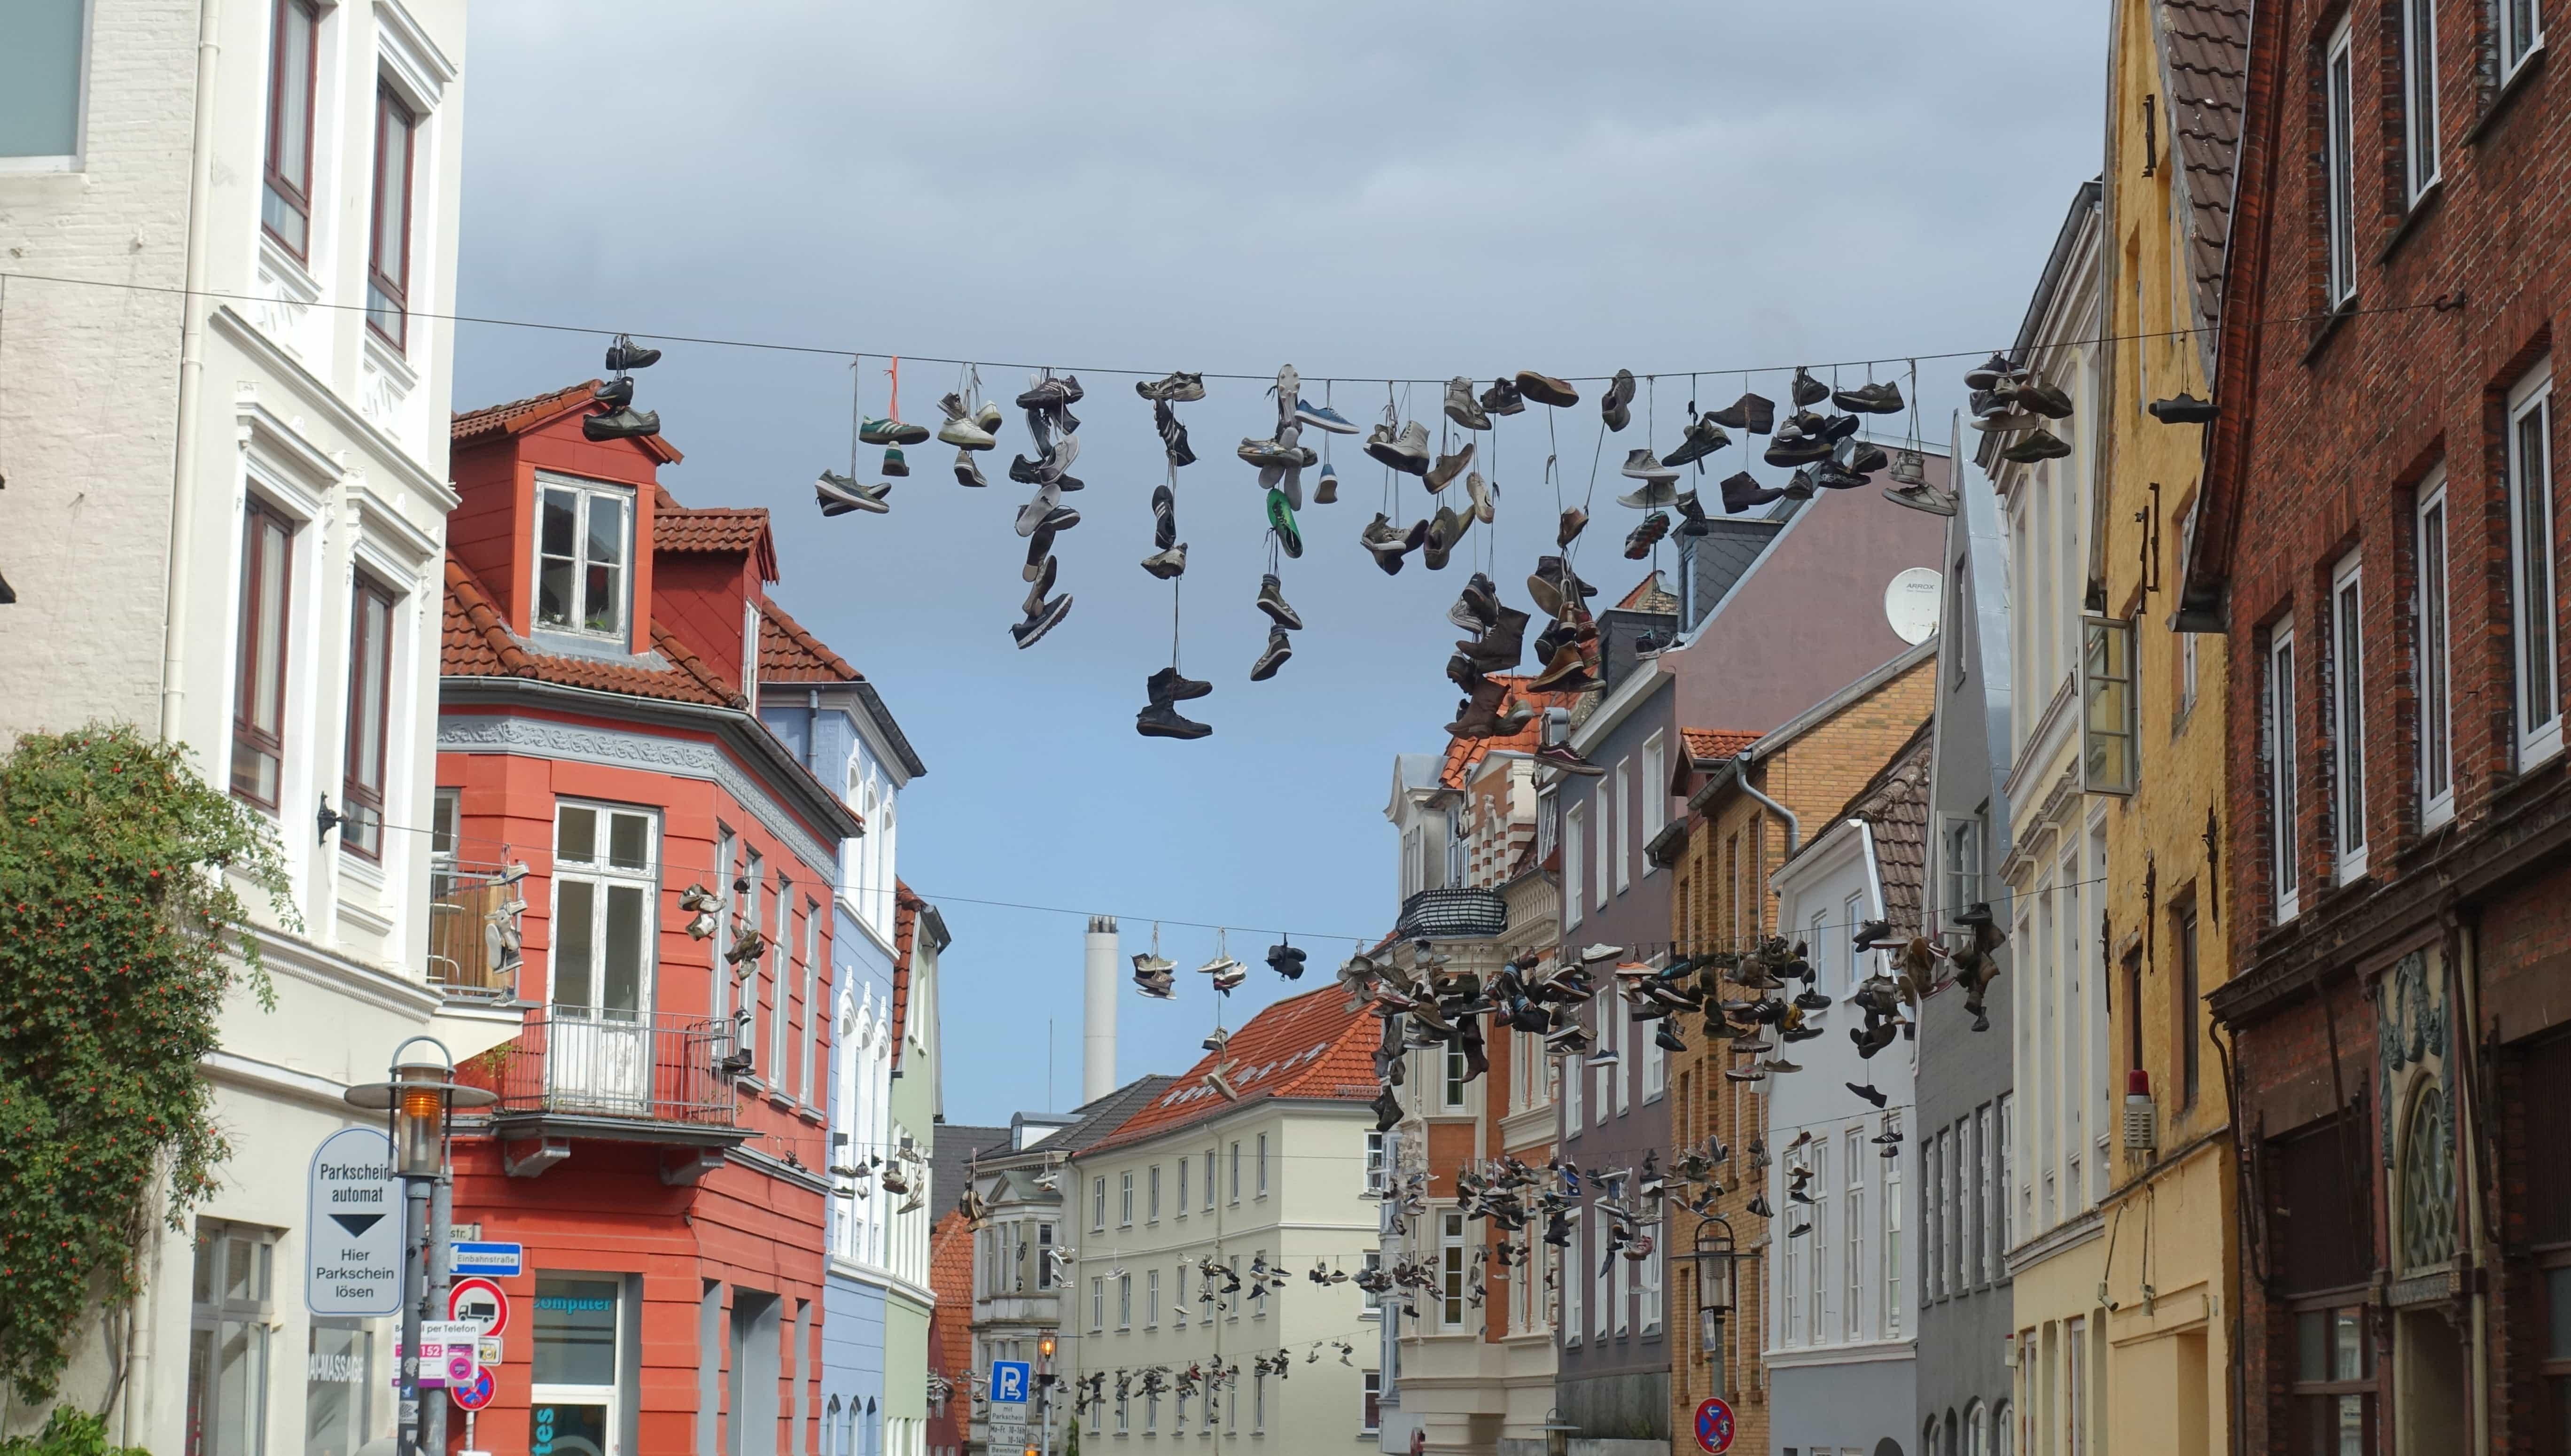 Schuhe der Die an Nordstadt LeineFlensburgs Qdtshr